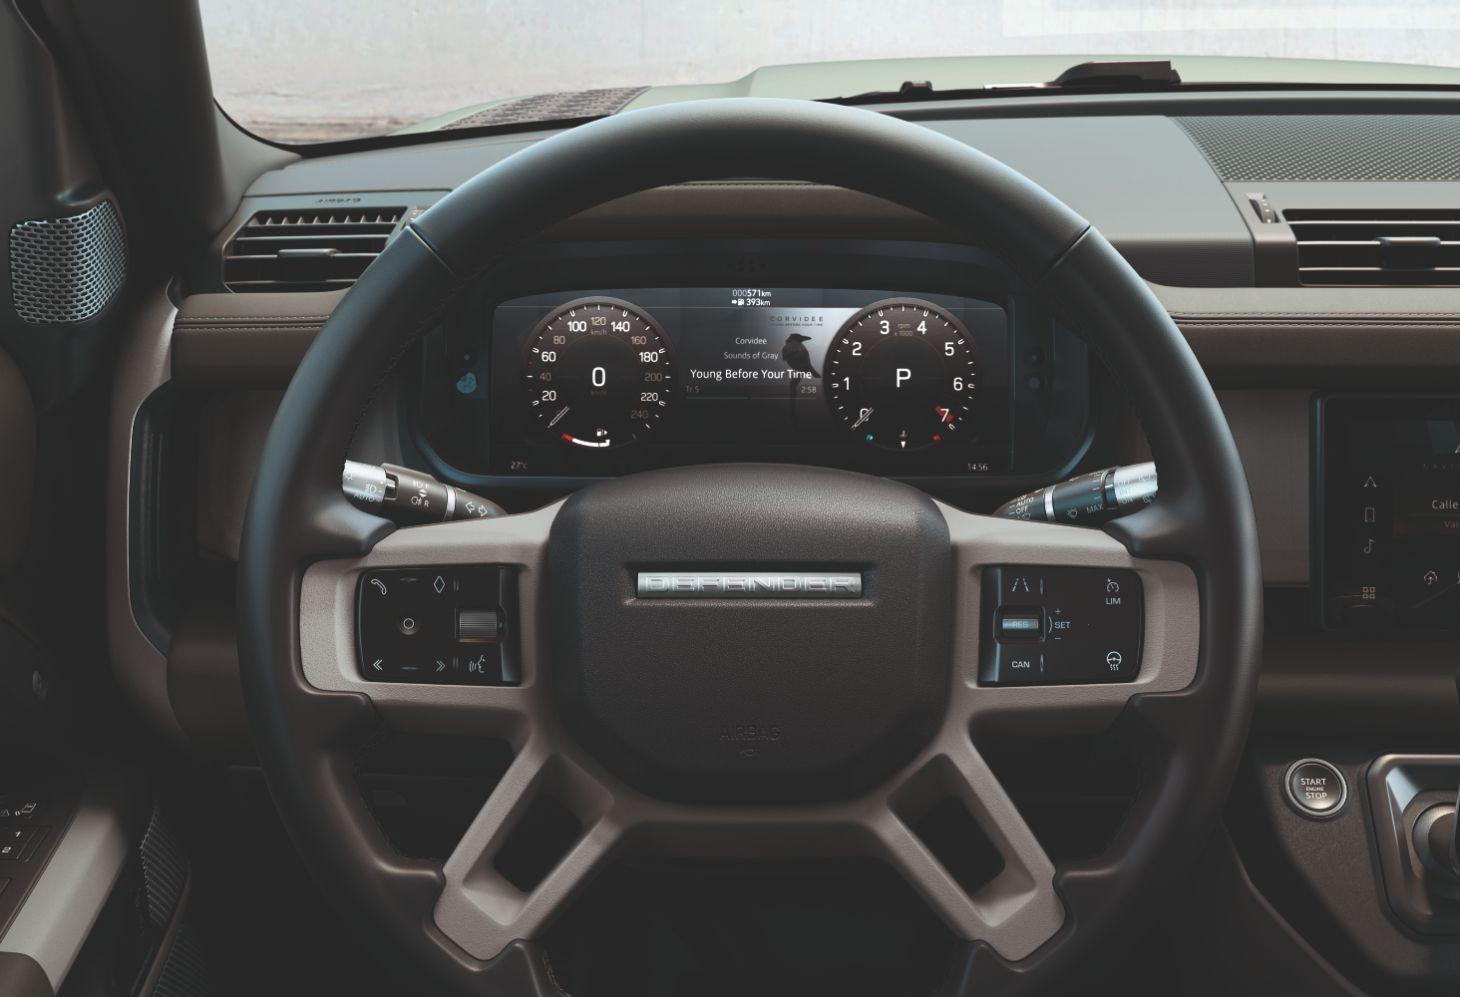 novo defender novo volante painel de instrumentos digital